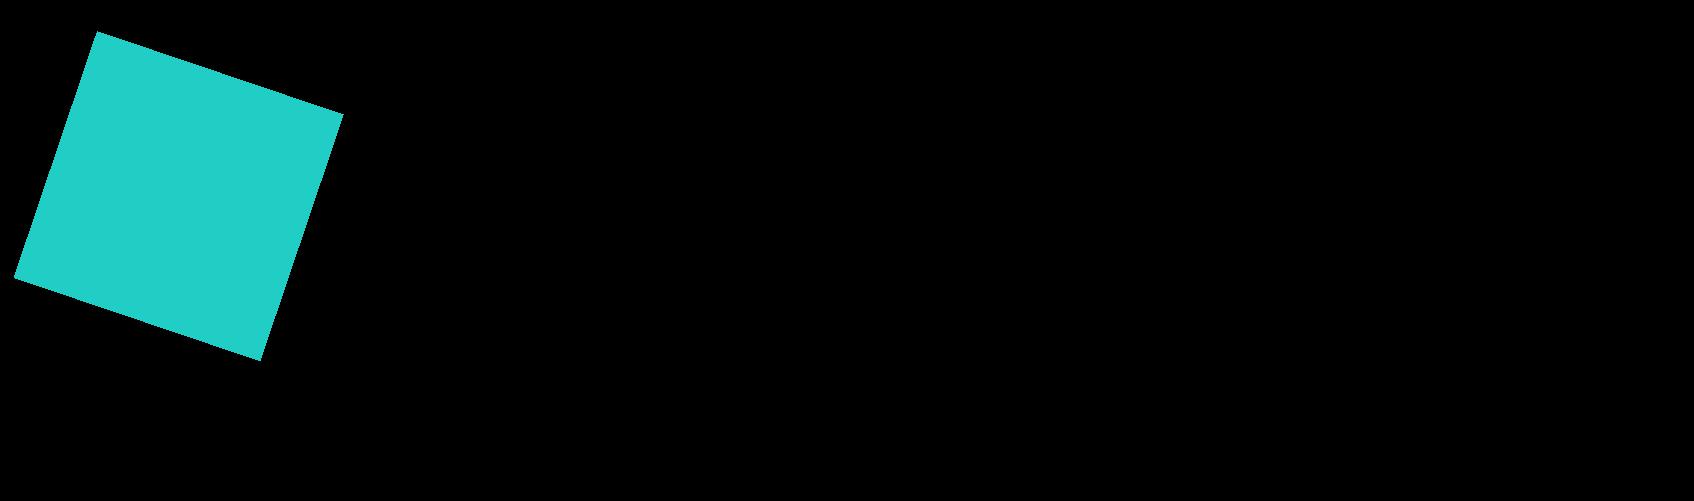 HeyAdvisor logo